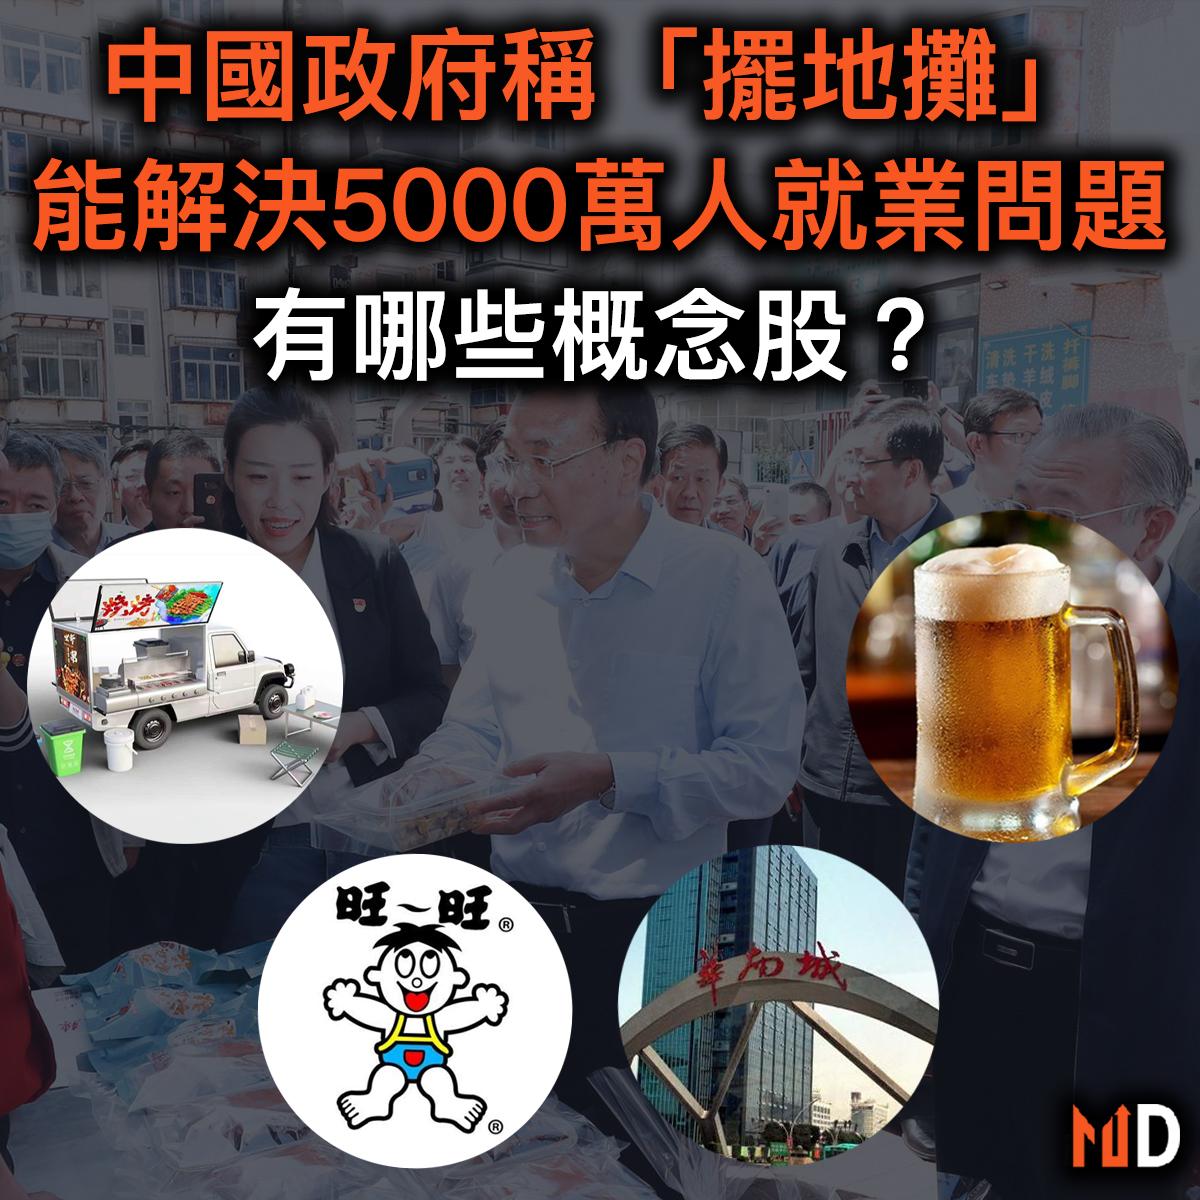 【市場熱話】中國政府稱「擺地攤」能解決5000萬人就業問題,有哪些概念股?